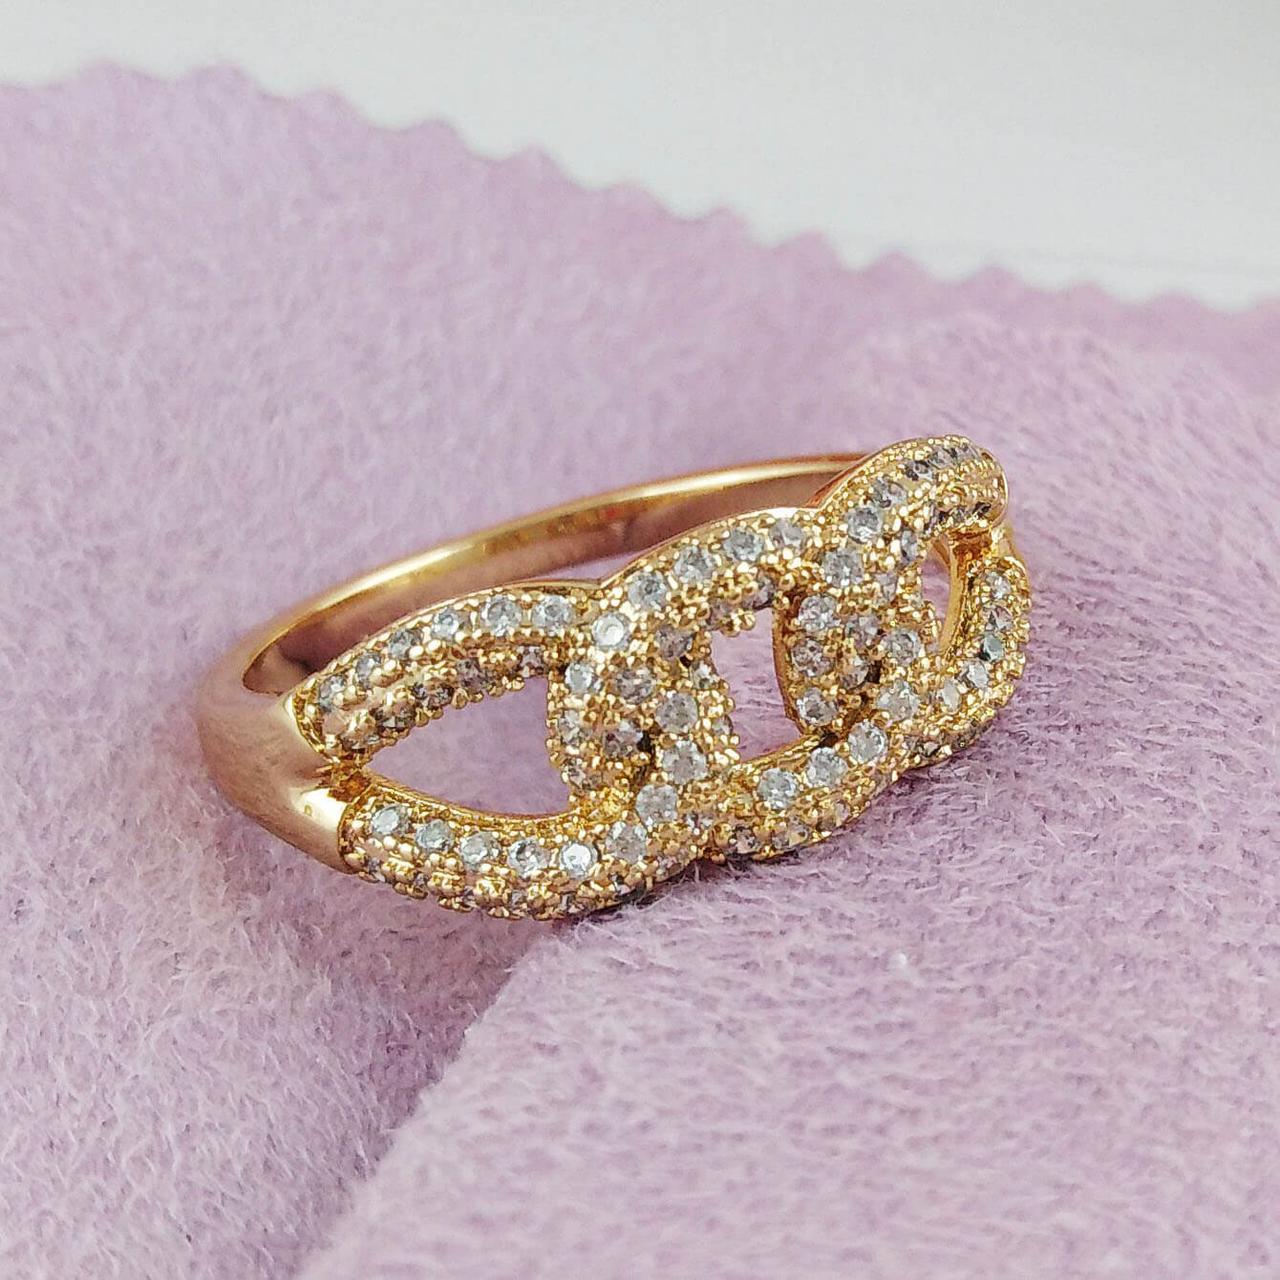 Кольцо Xuping Jewelry размер 17,5 Трио медицинское золото позолота 18К А/В 2-0090